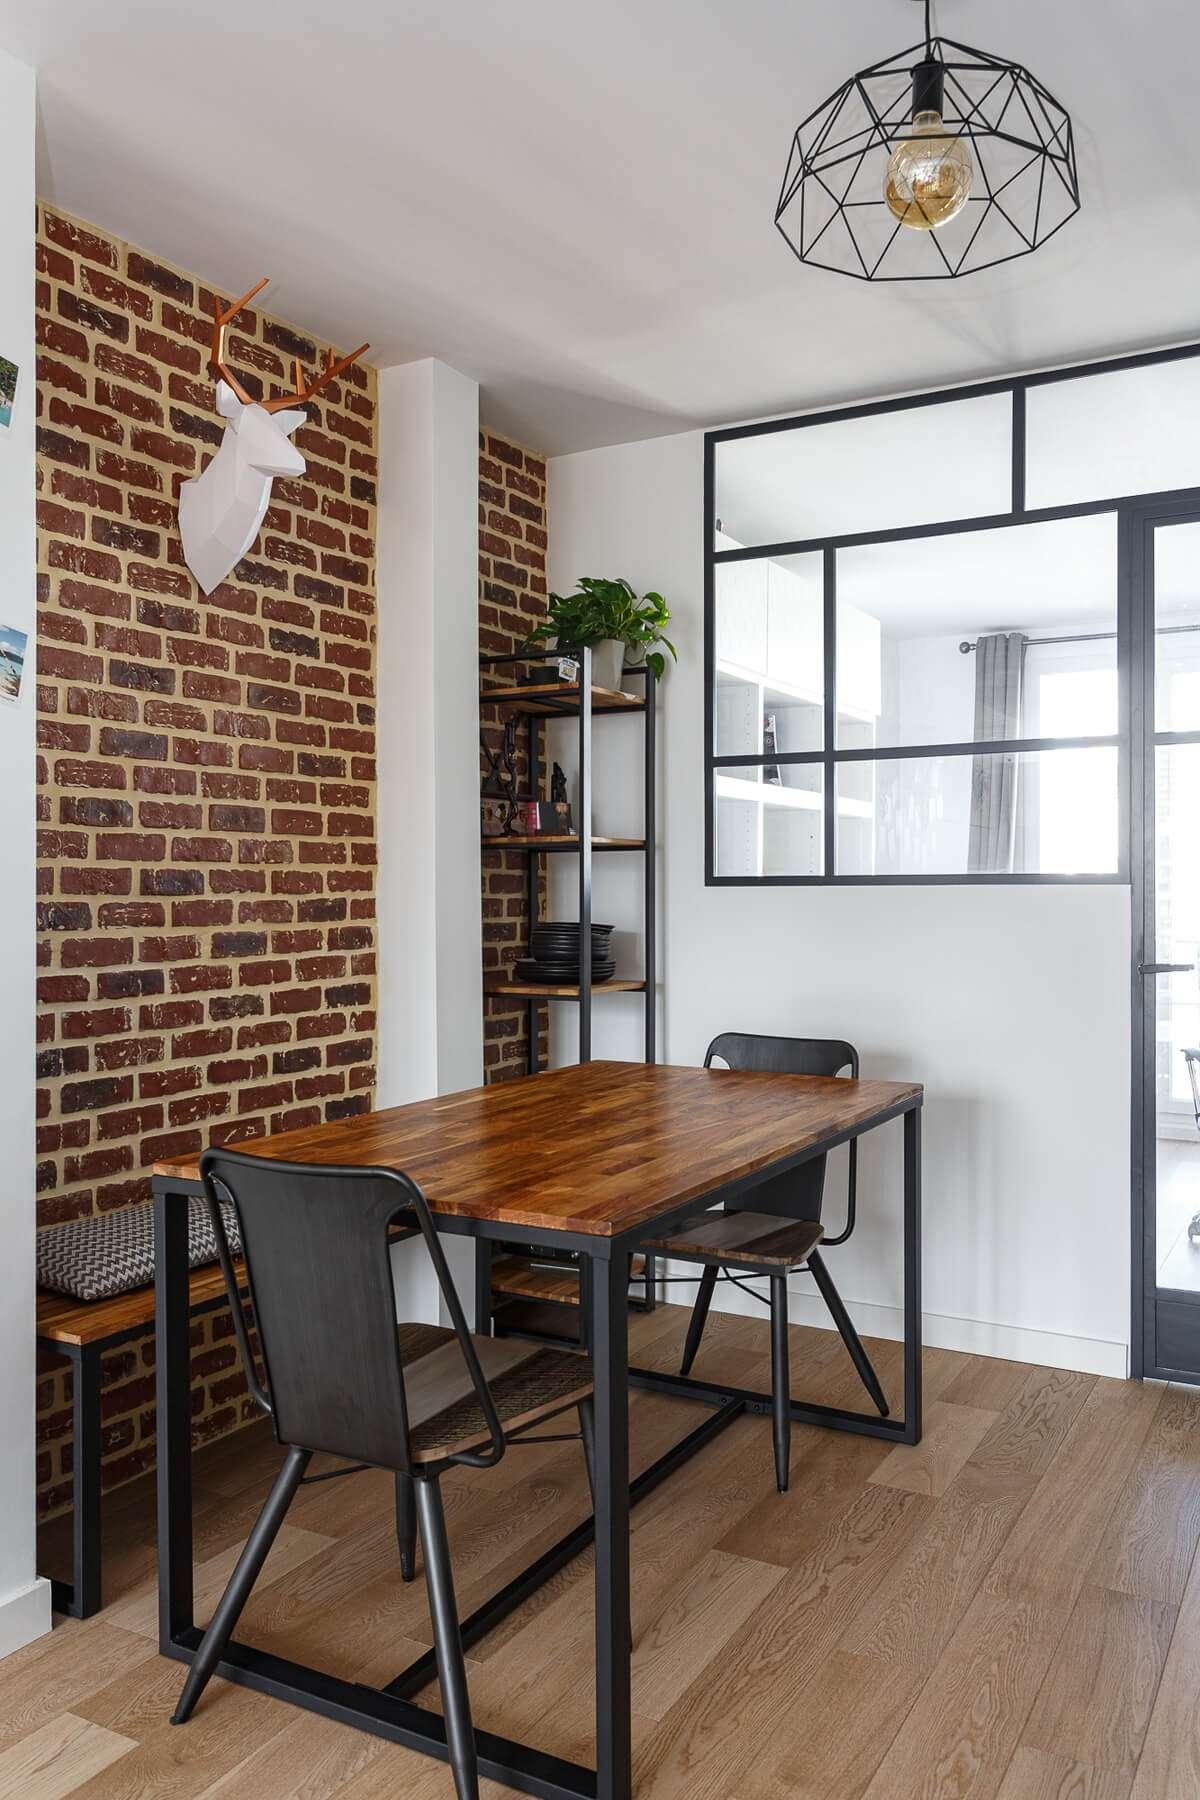 Salle à manger industrielle avec verrière et mur de briques